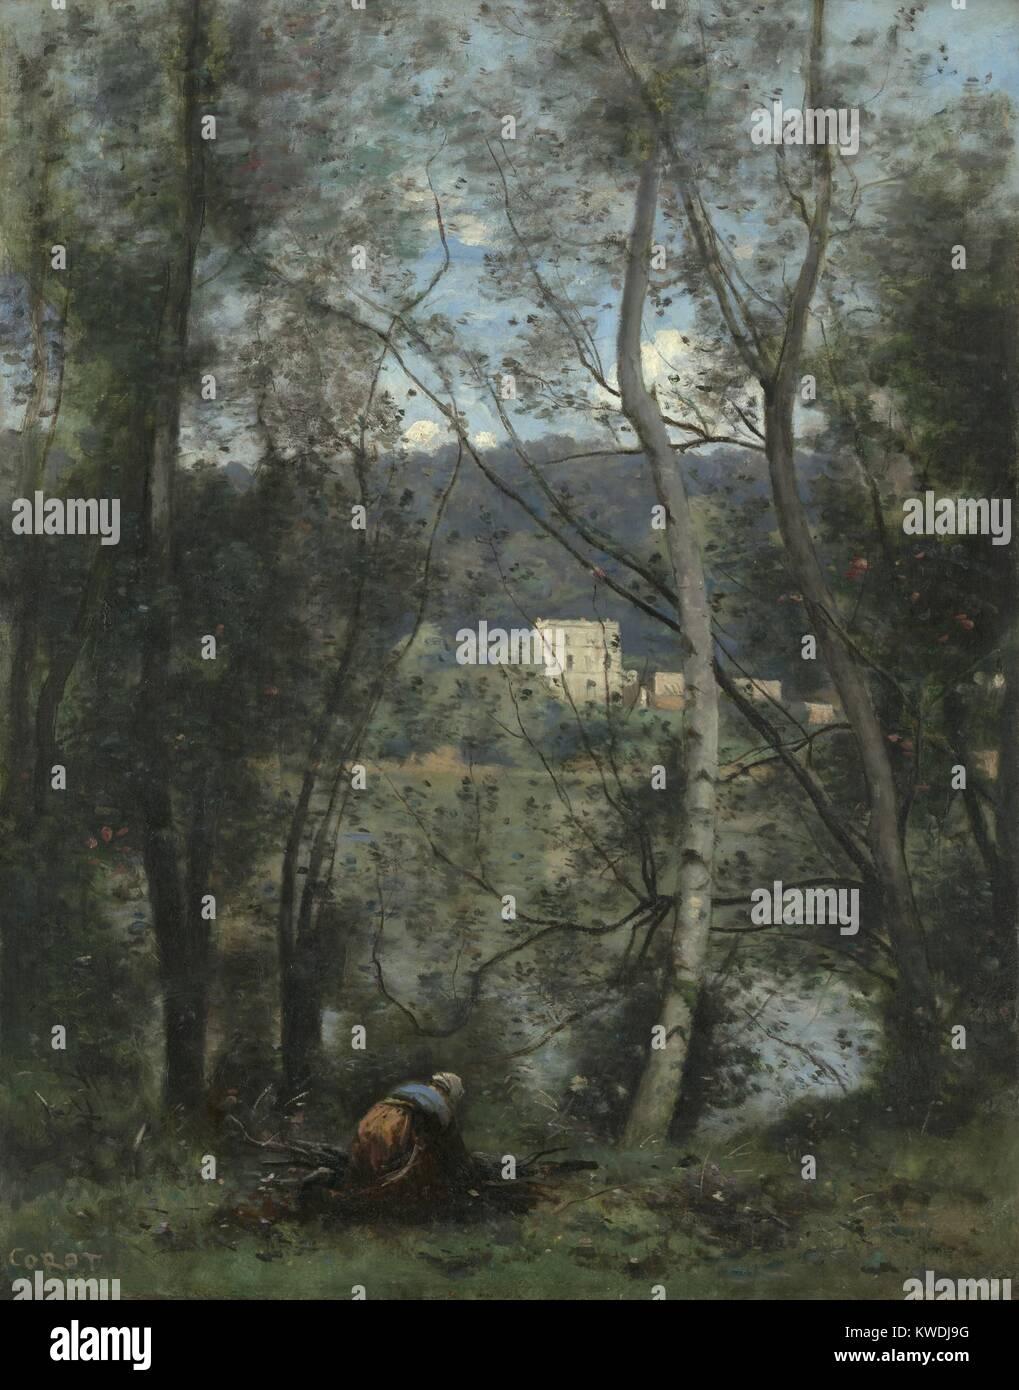 Eine FRAU SAMMELN REISIGBÜNDELN IN VILLE-DAVRAY, von Camille Corot, 1871-74, französische Öl Malerei. Stockbild